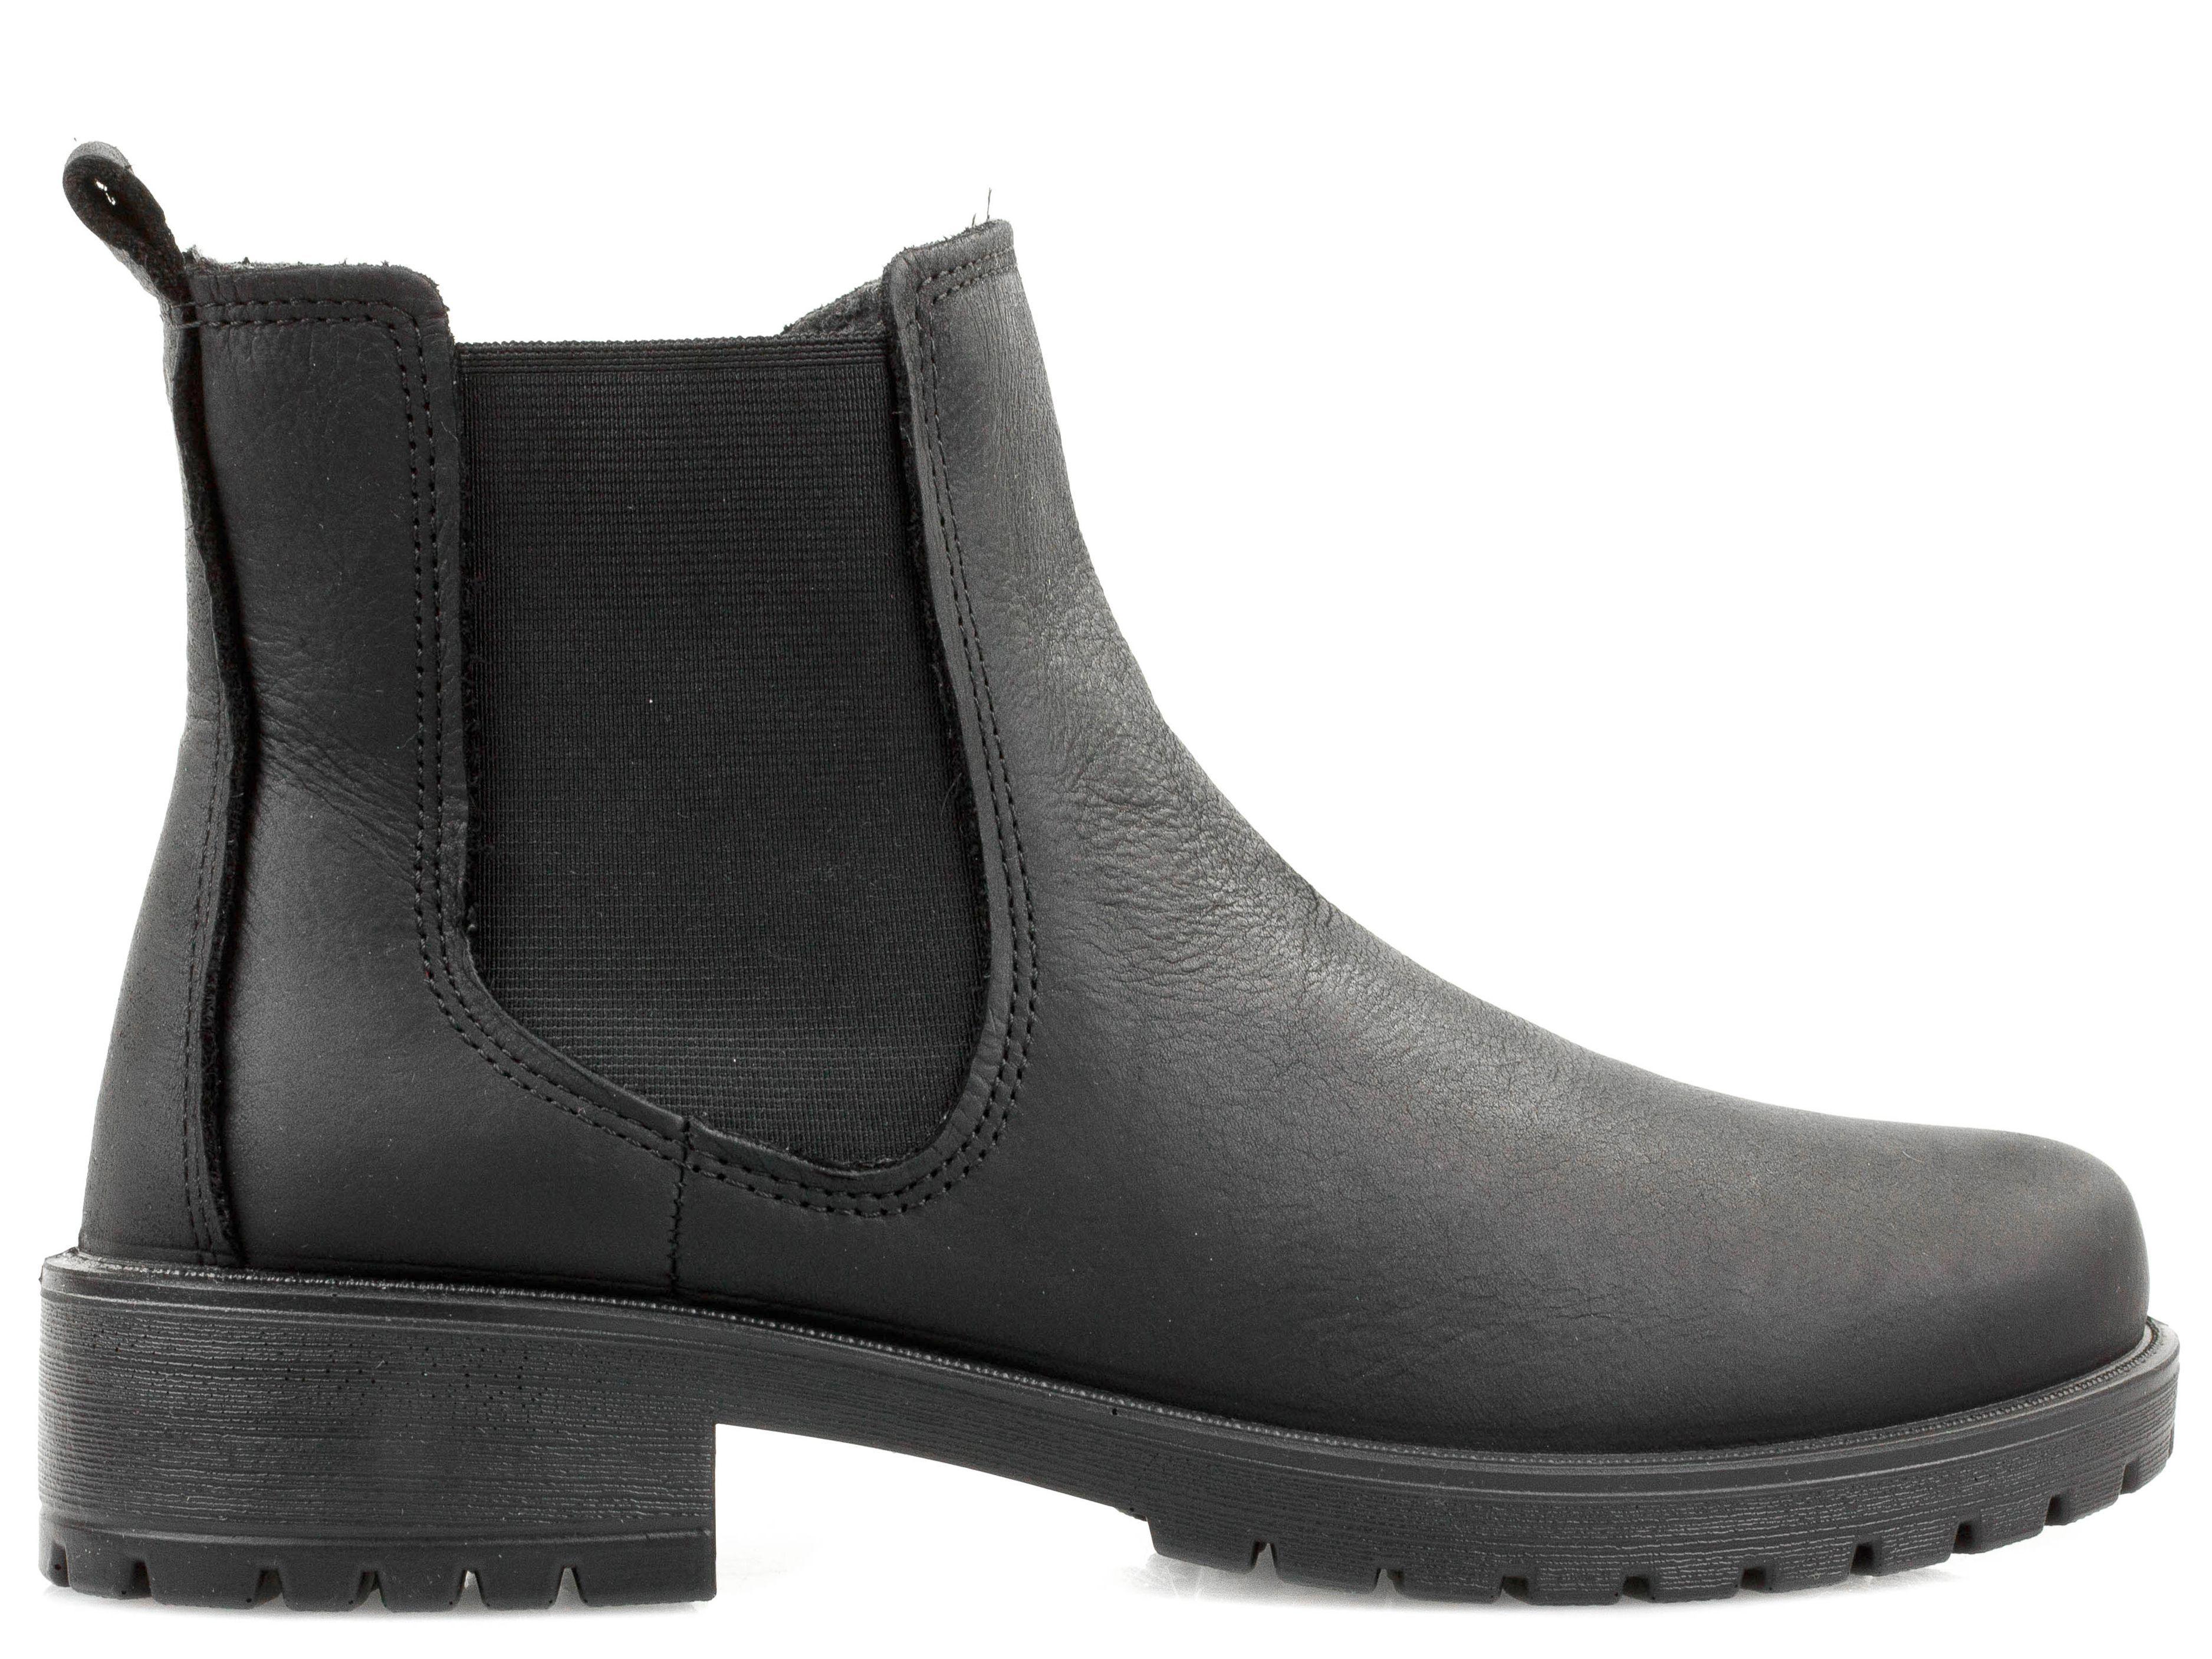 Ботинки для детей ECCO ELAINE KIDS ZK3081 размерная сетка обуви, 2017